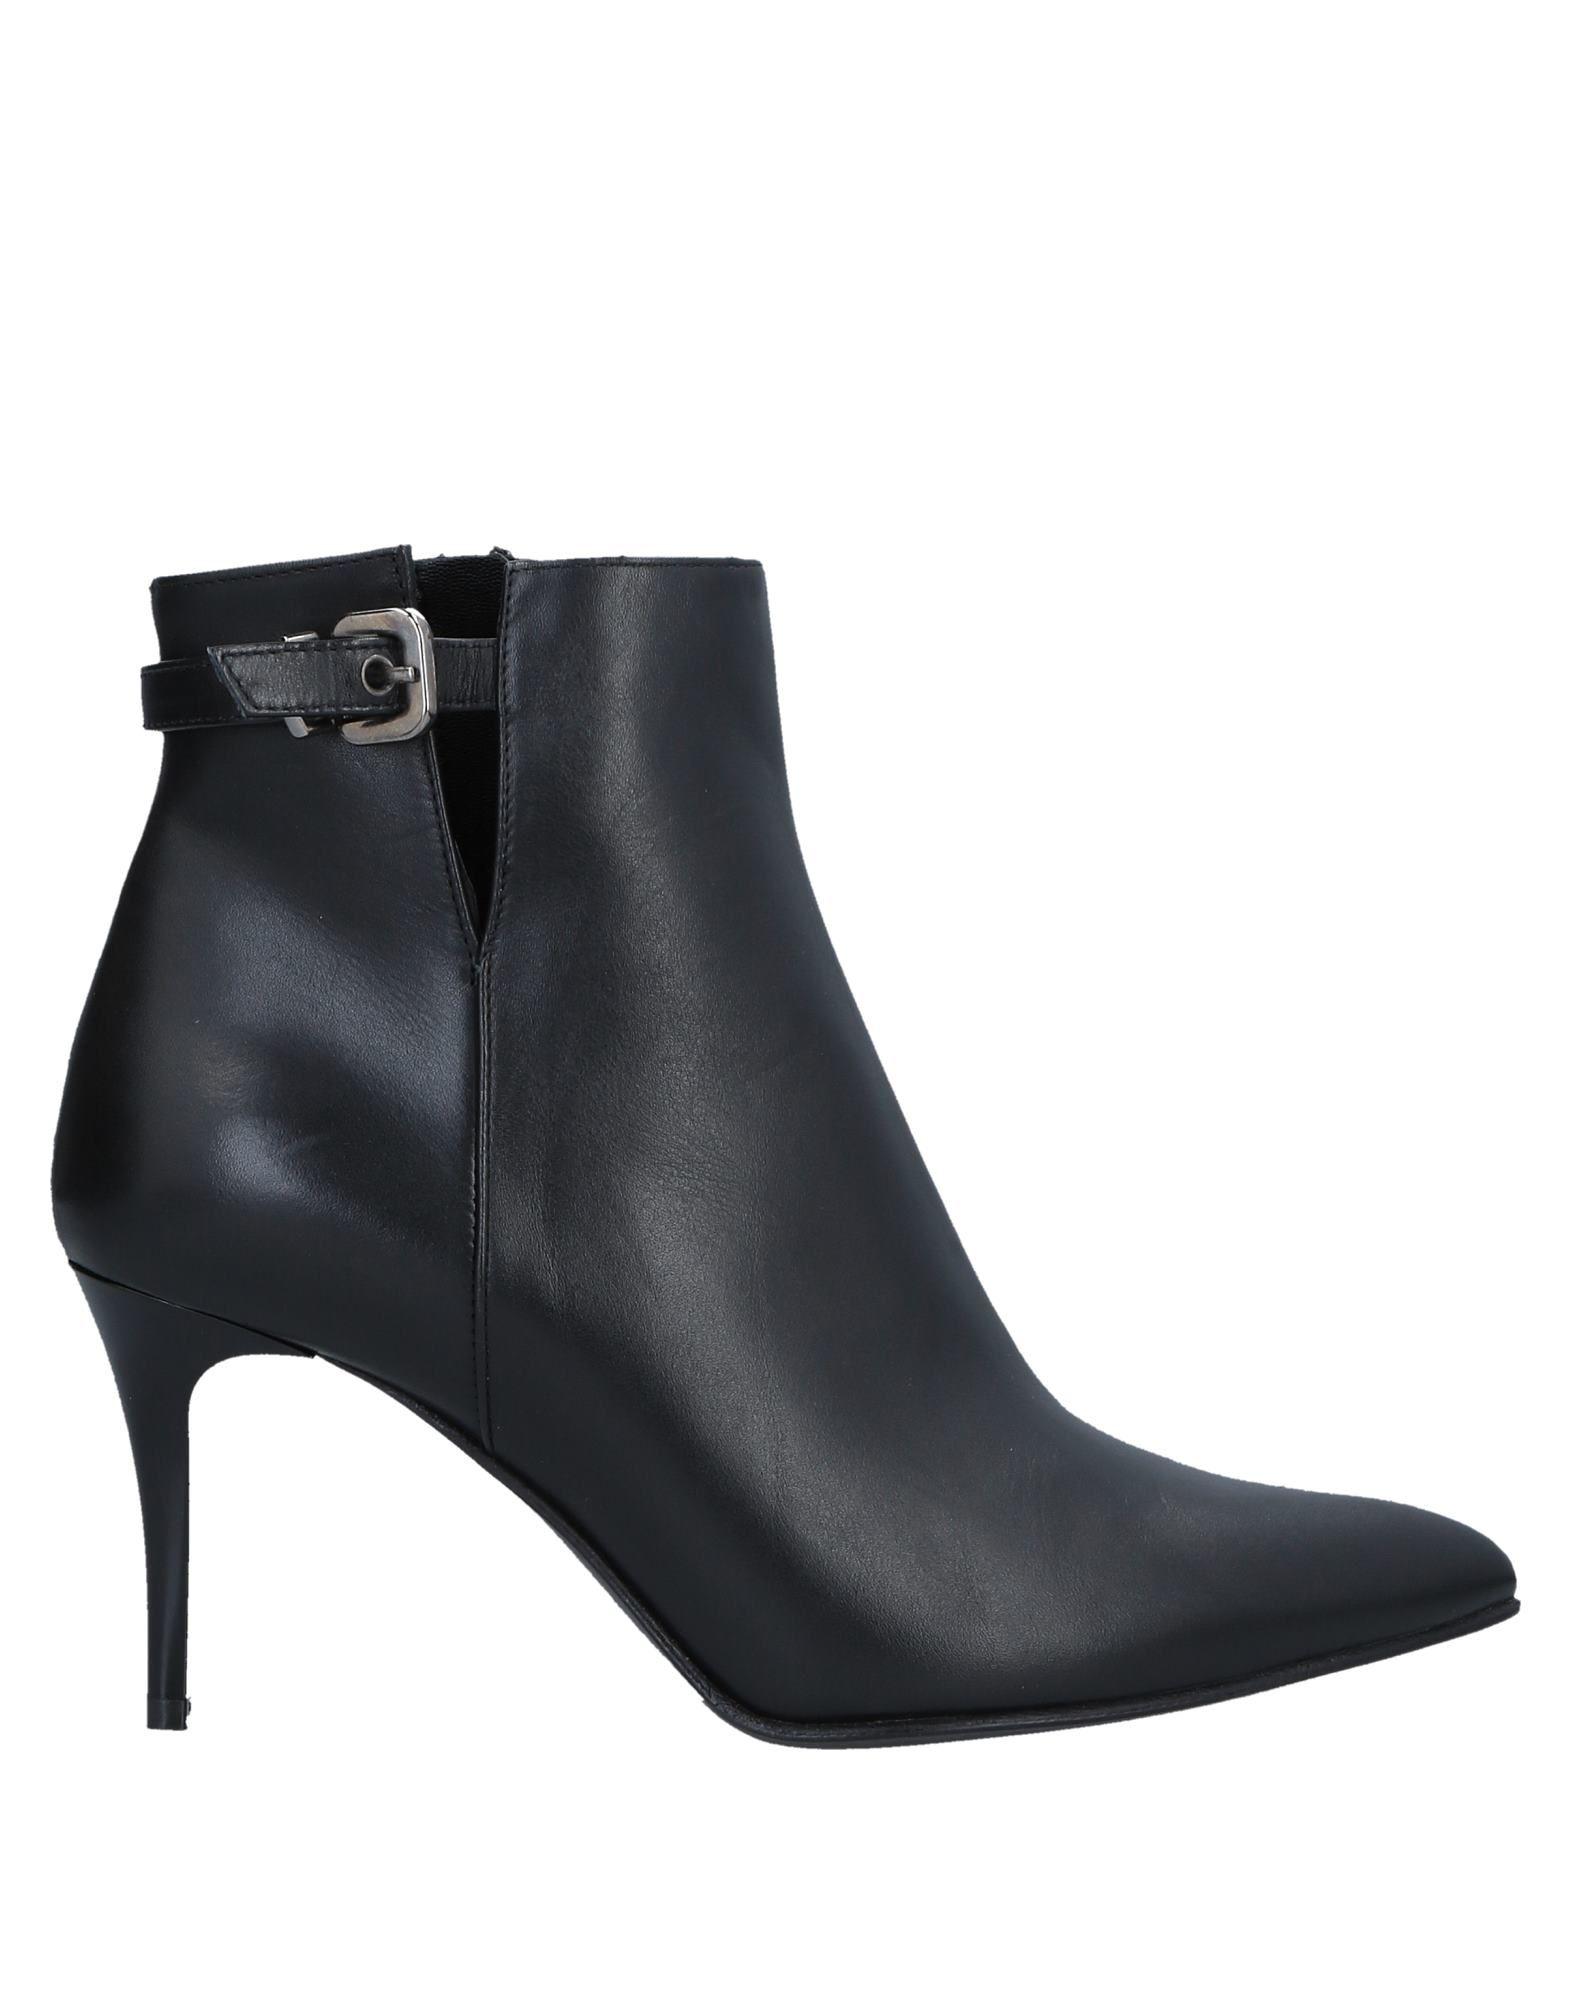 Albano Stiefelette Damen  11537501UA Gute beliebte Qualität beliebte Gute Schuhe 4b5da2